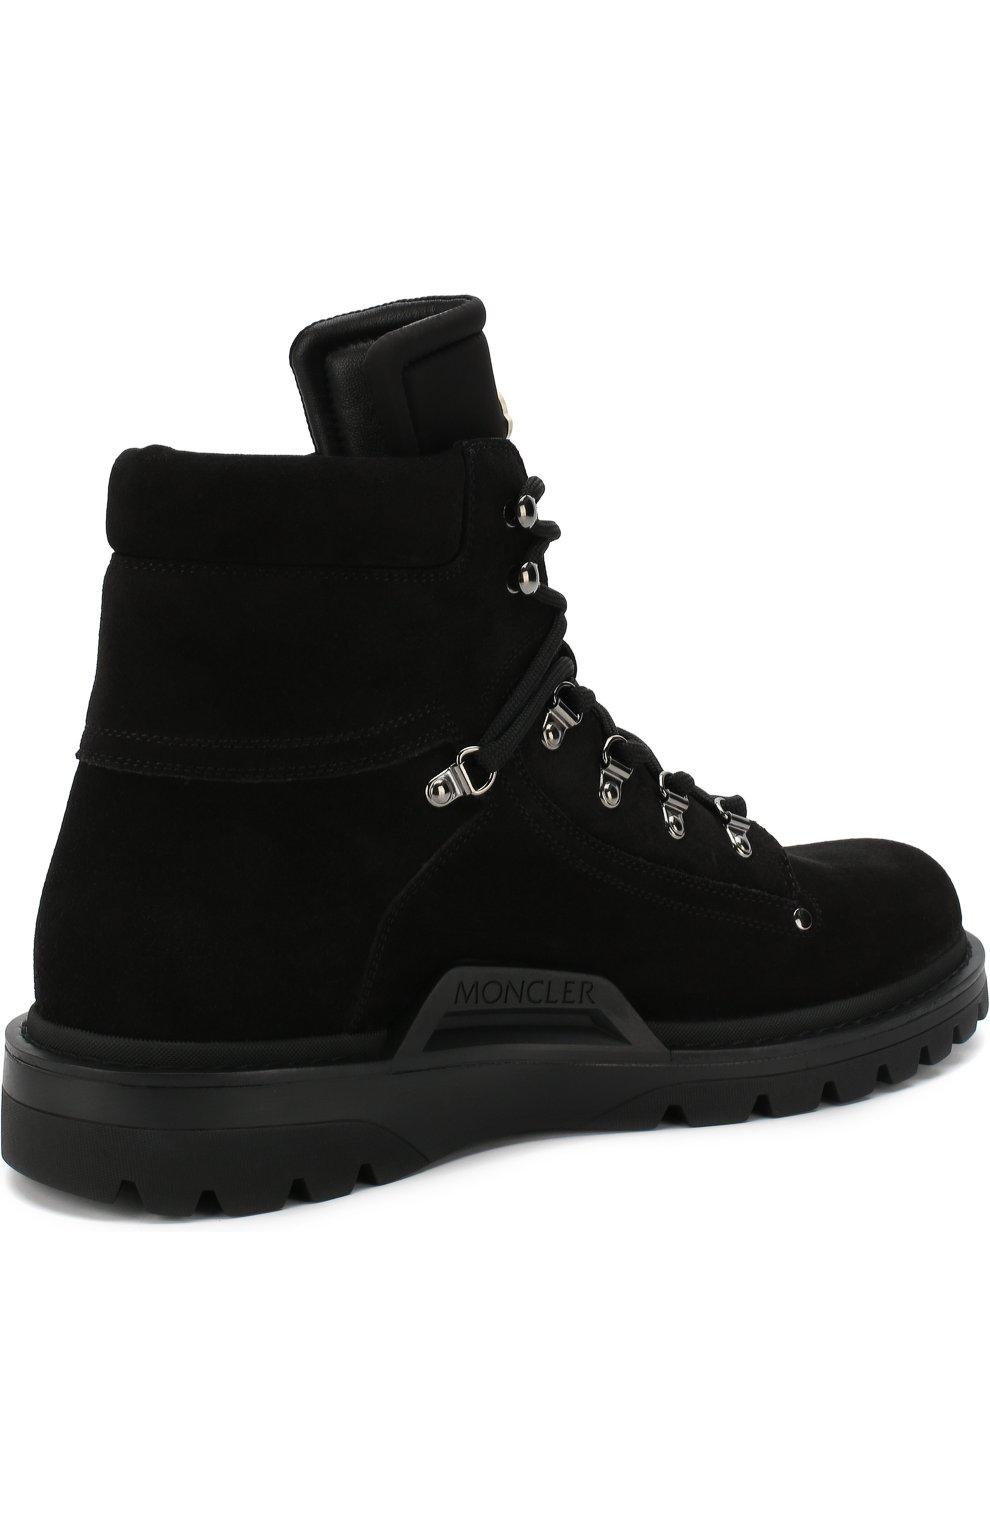 Мужские высокие кожаные ботинки на шнуровке MONCLER черного цвета, арт. D2-09A-10100-00-019CL | Фото 4 (Мужское Кросс-КТ: Хайкеры-обувь, Ботинки-обувь; Статус проверки: Проверено, Проверена категория; Подошва: Массивная)